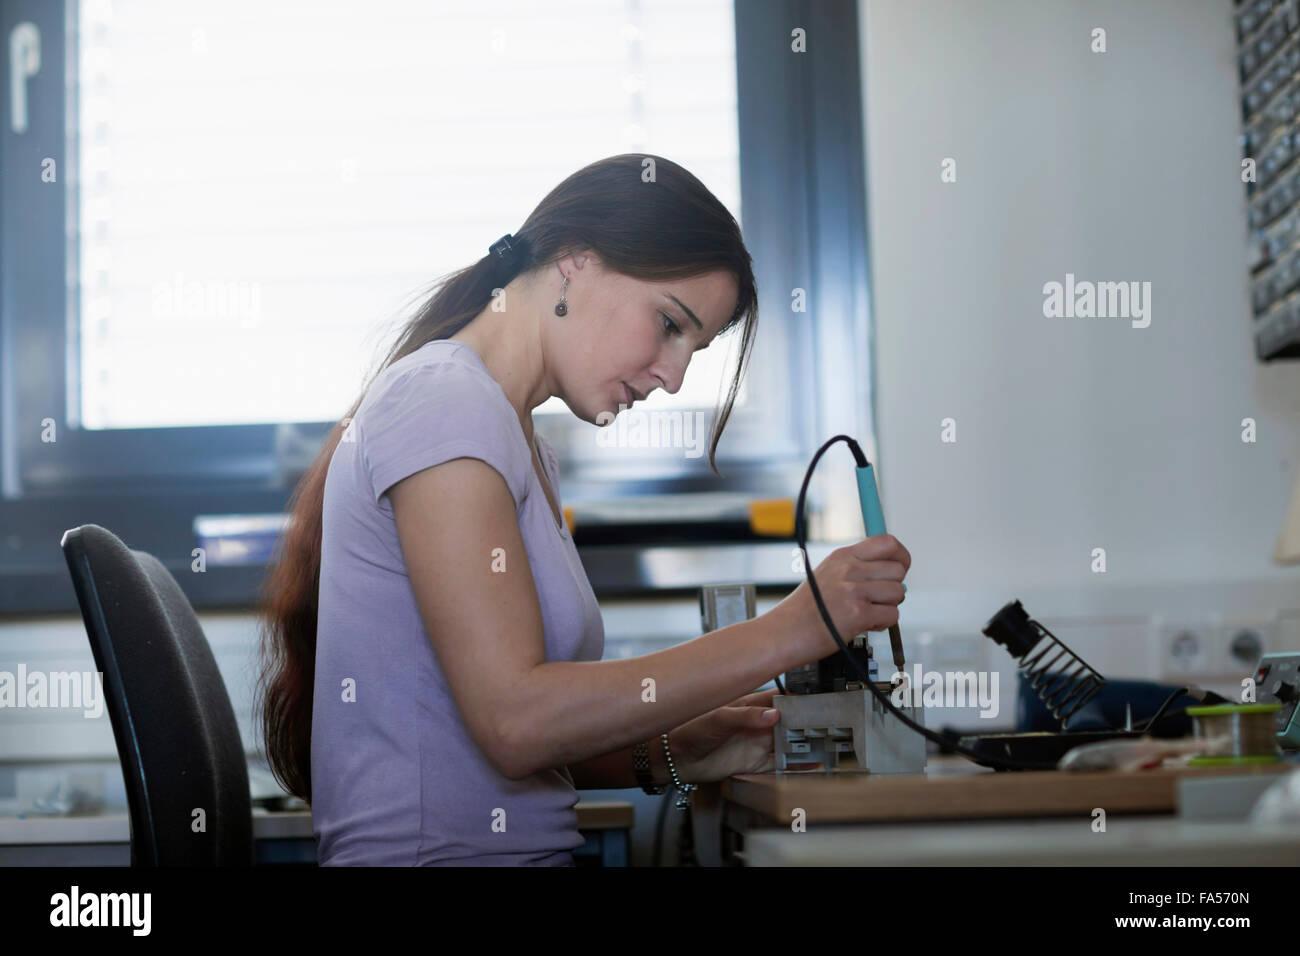 Weiblichen Techniker Löten elektronischer Bauteile in einer Industrieanlage, Freiburg Im Breisgau, Baden-Württemberg, Stockbild